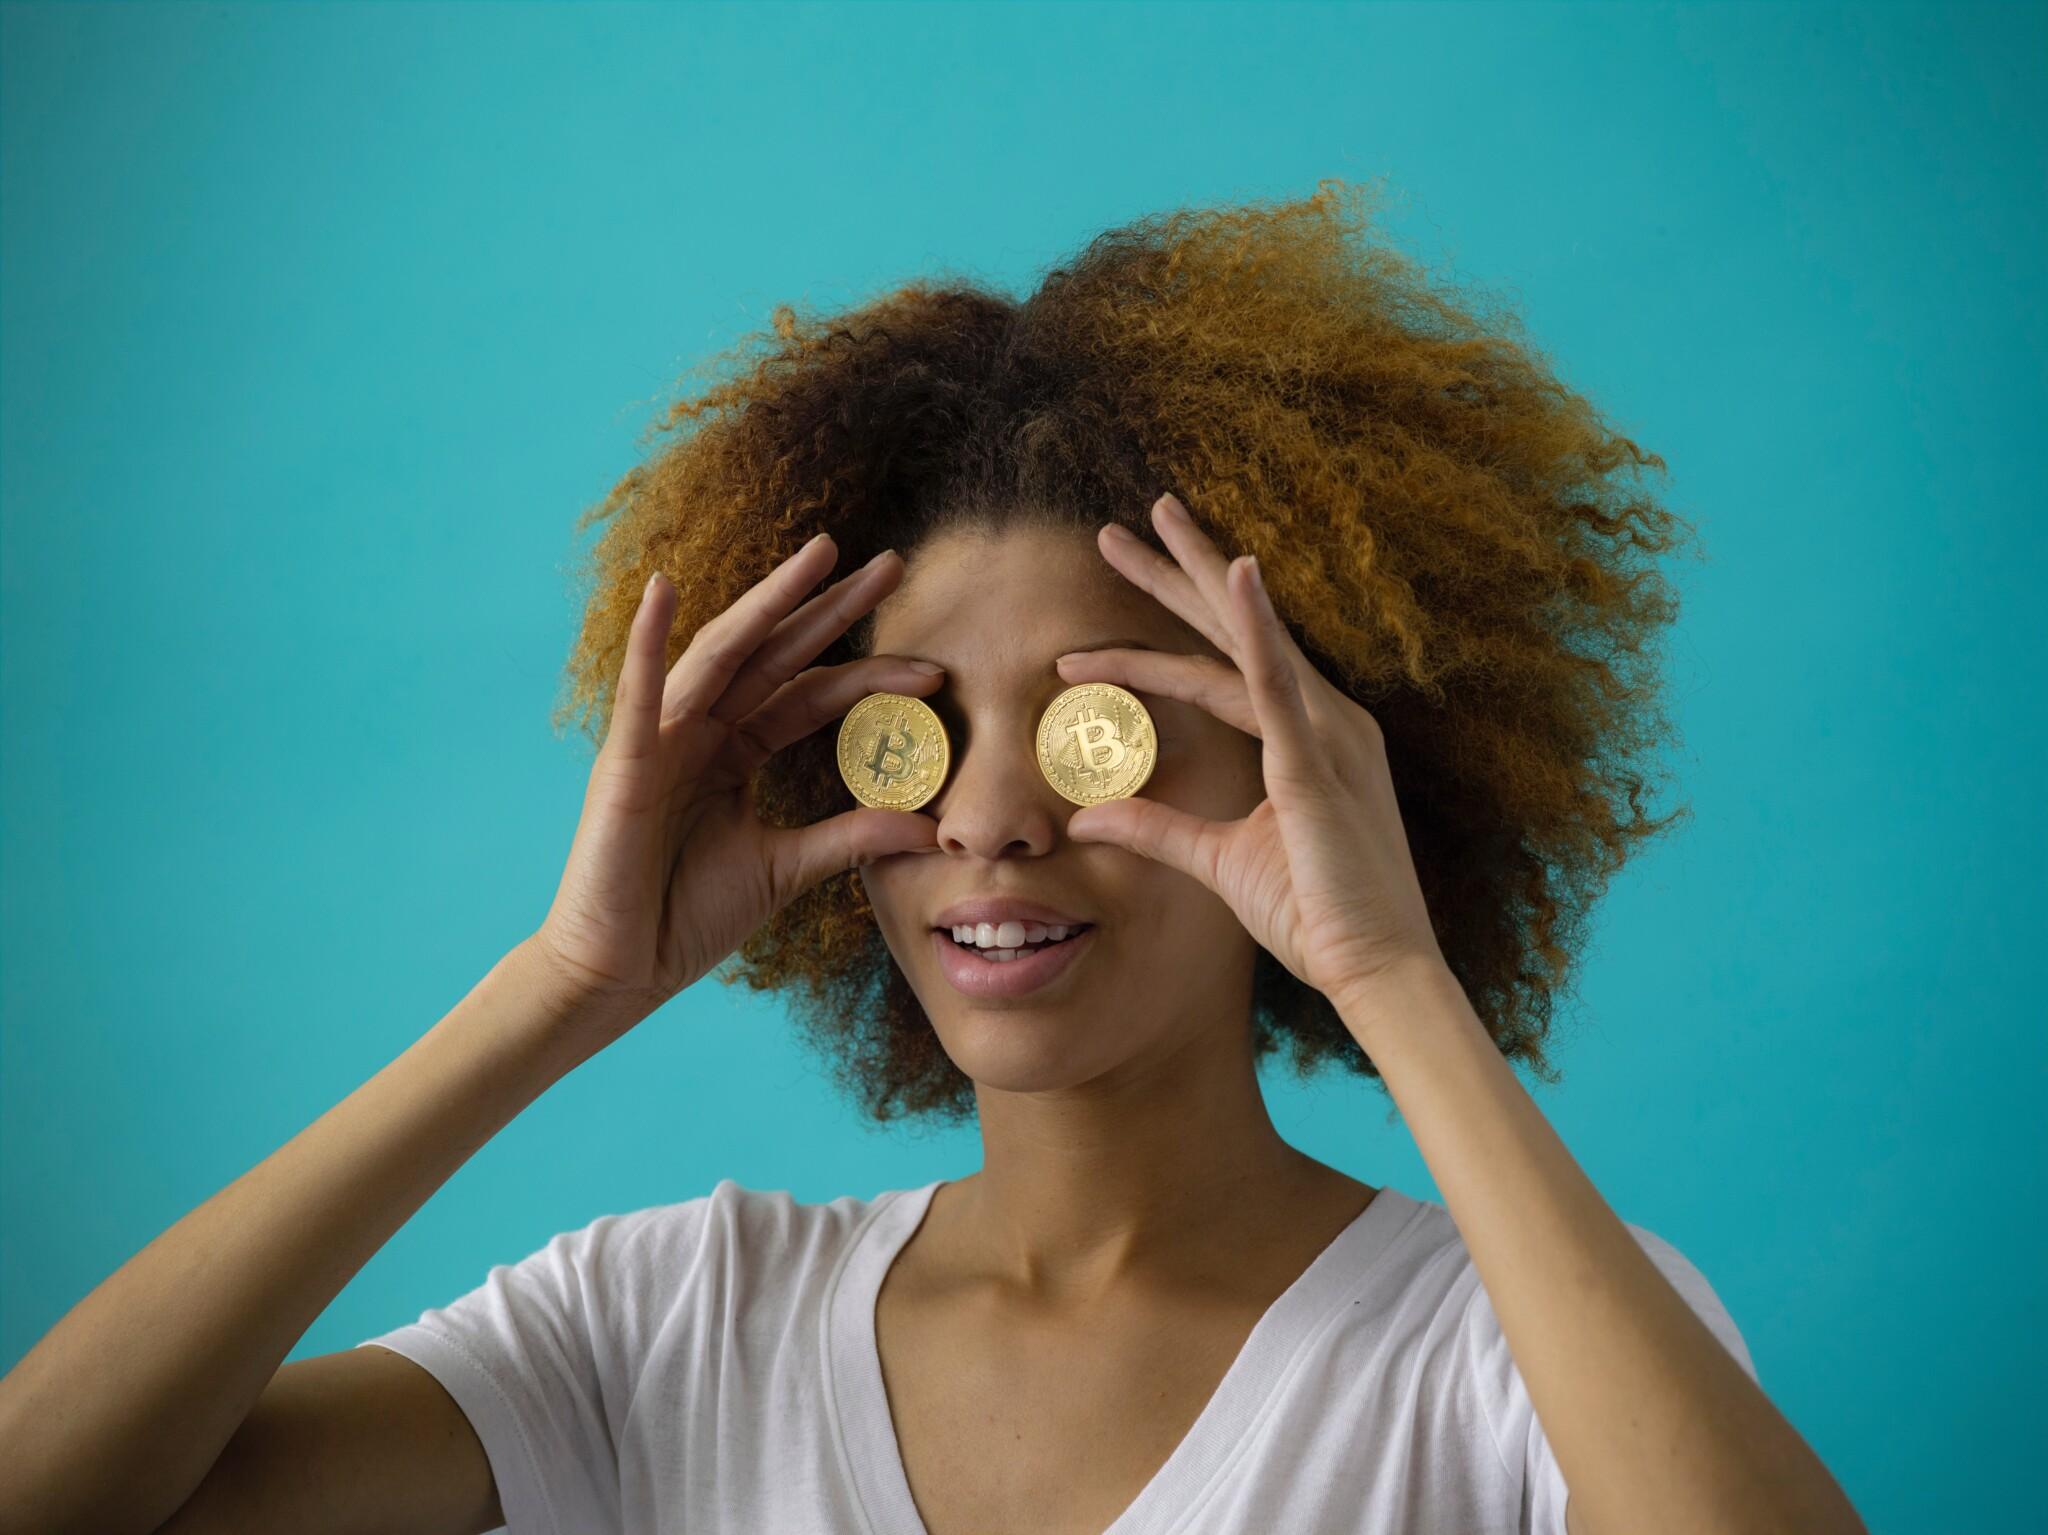 Kryptowährungen: So klappt der Einstieg